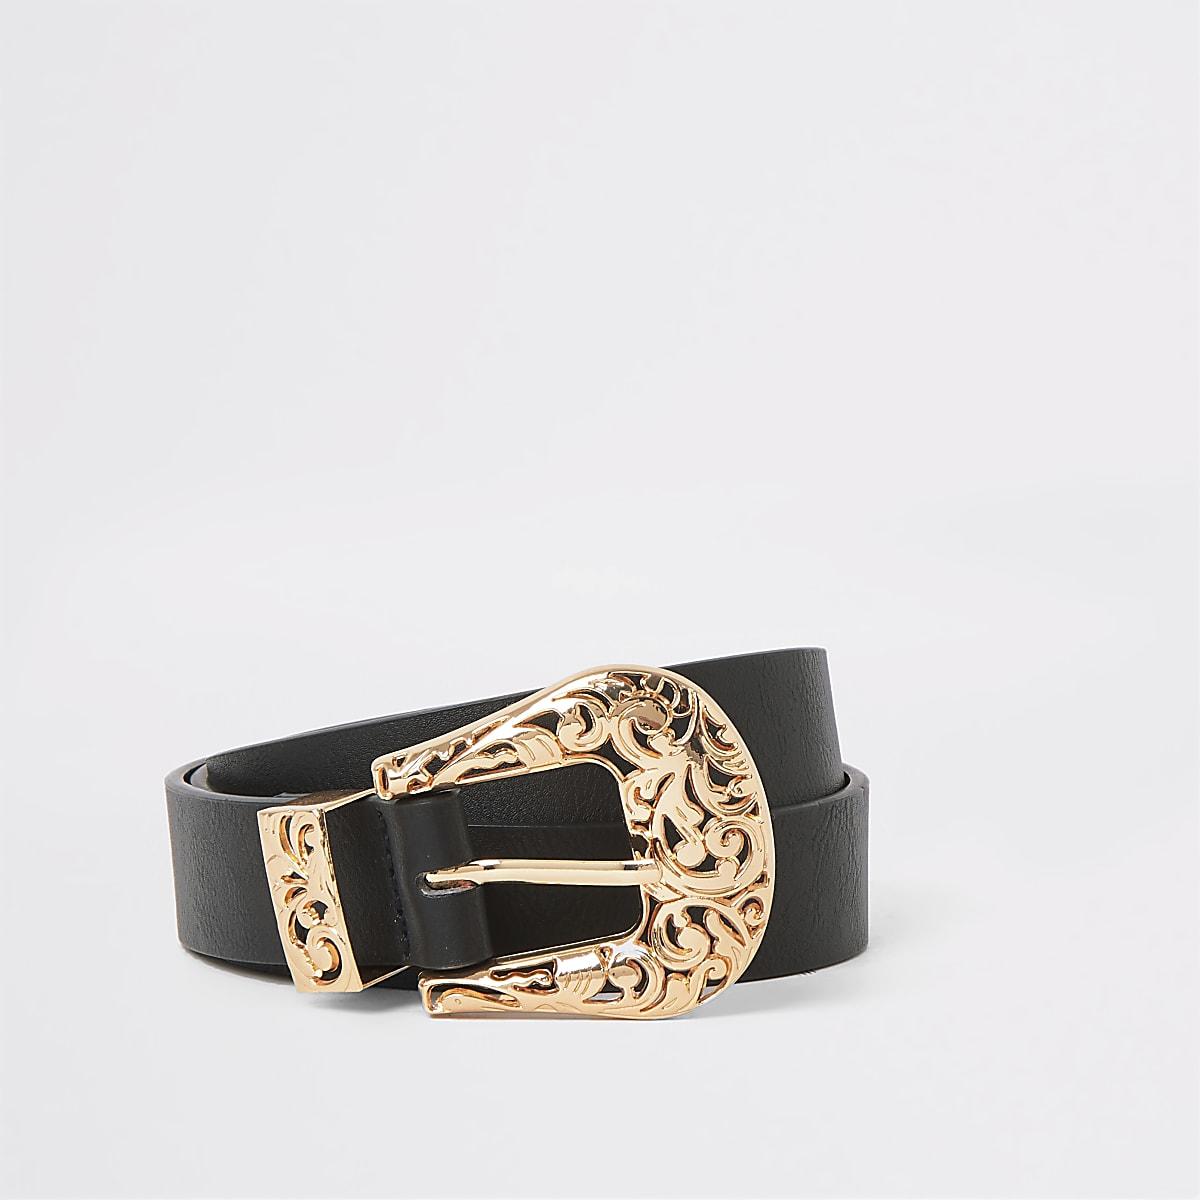 Black rose gold western buckle belt